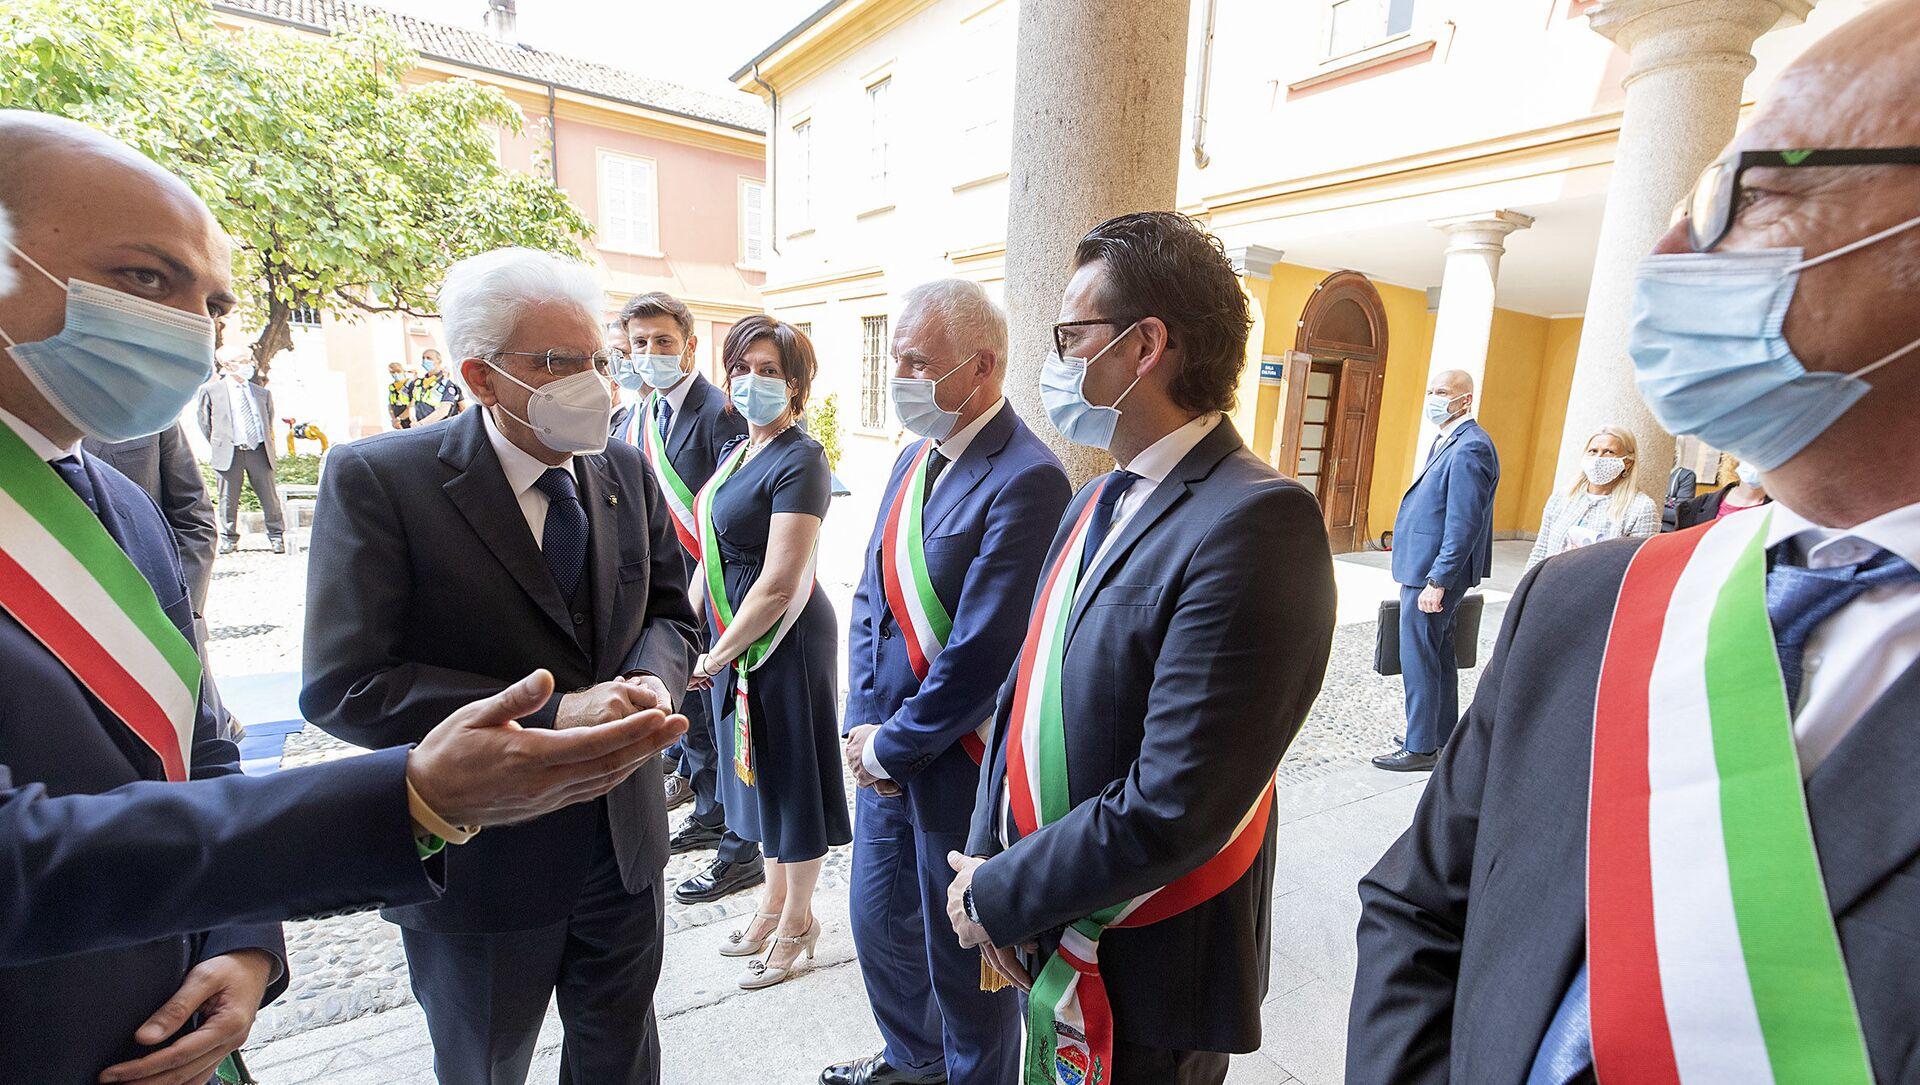 Codogno - Il Presidente della Repubblica Sergio Mattarella in occasione della visita a Codogno, 2 giugno 2020 - Sputnik Italia, 1920, 21.02.2021